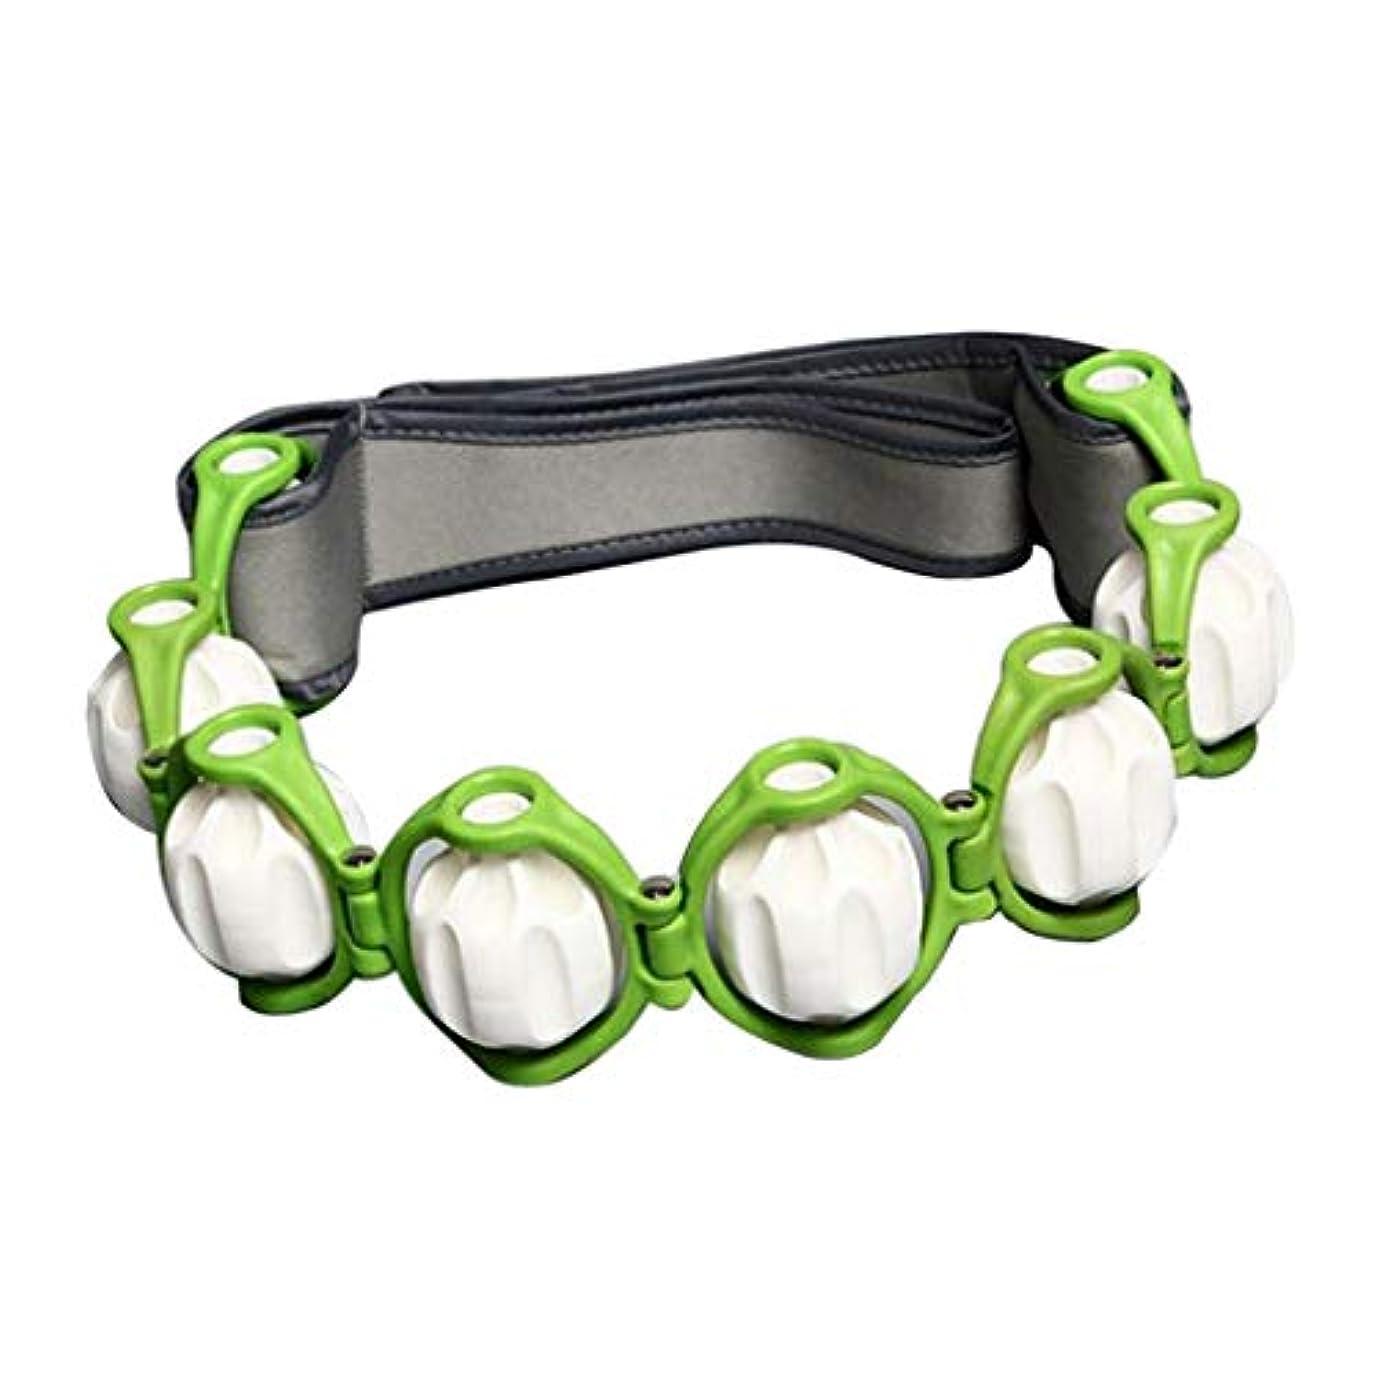 後悔気がついてカウンターパートボディマッサージローラー ロープ付き 六つボール 4色選べ - 緑, 説明したように